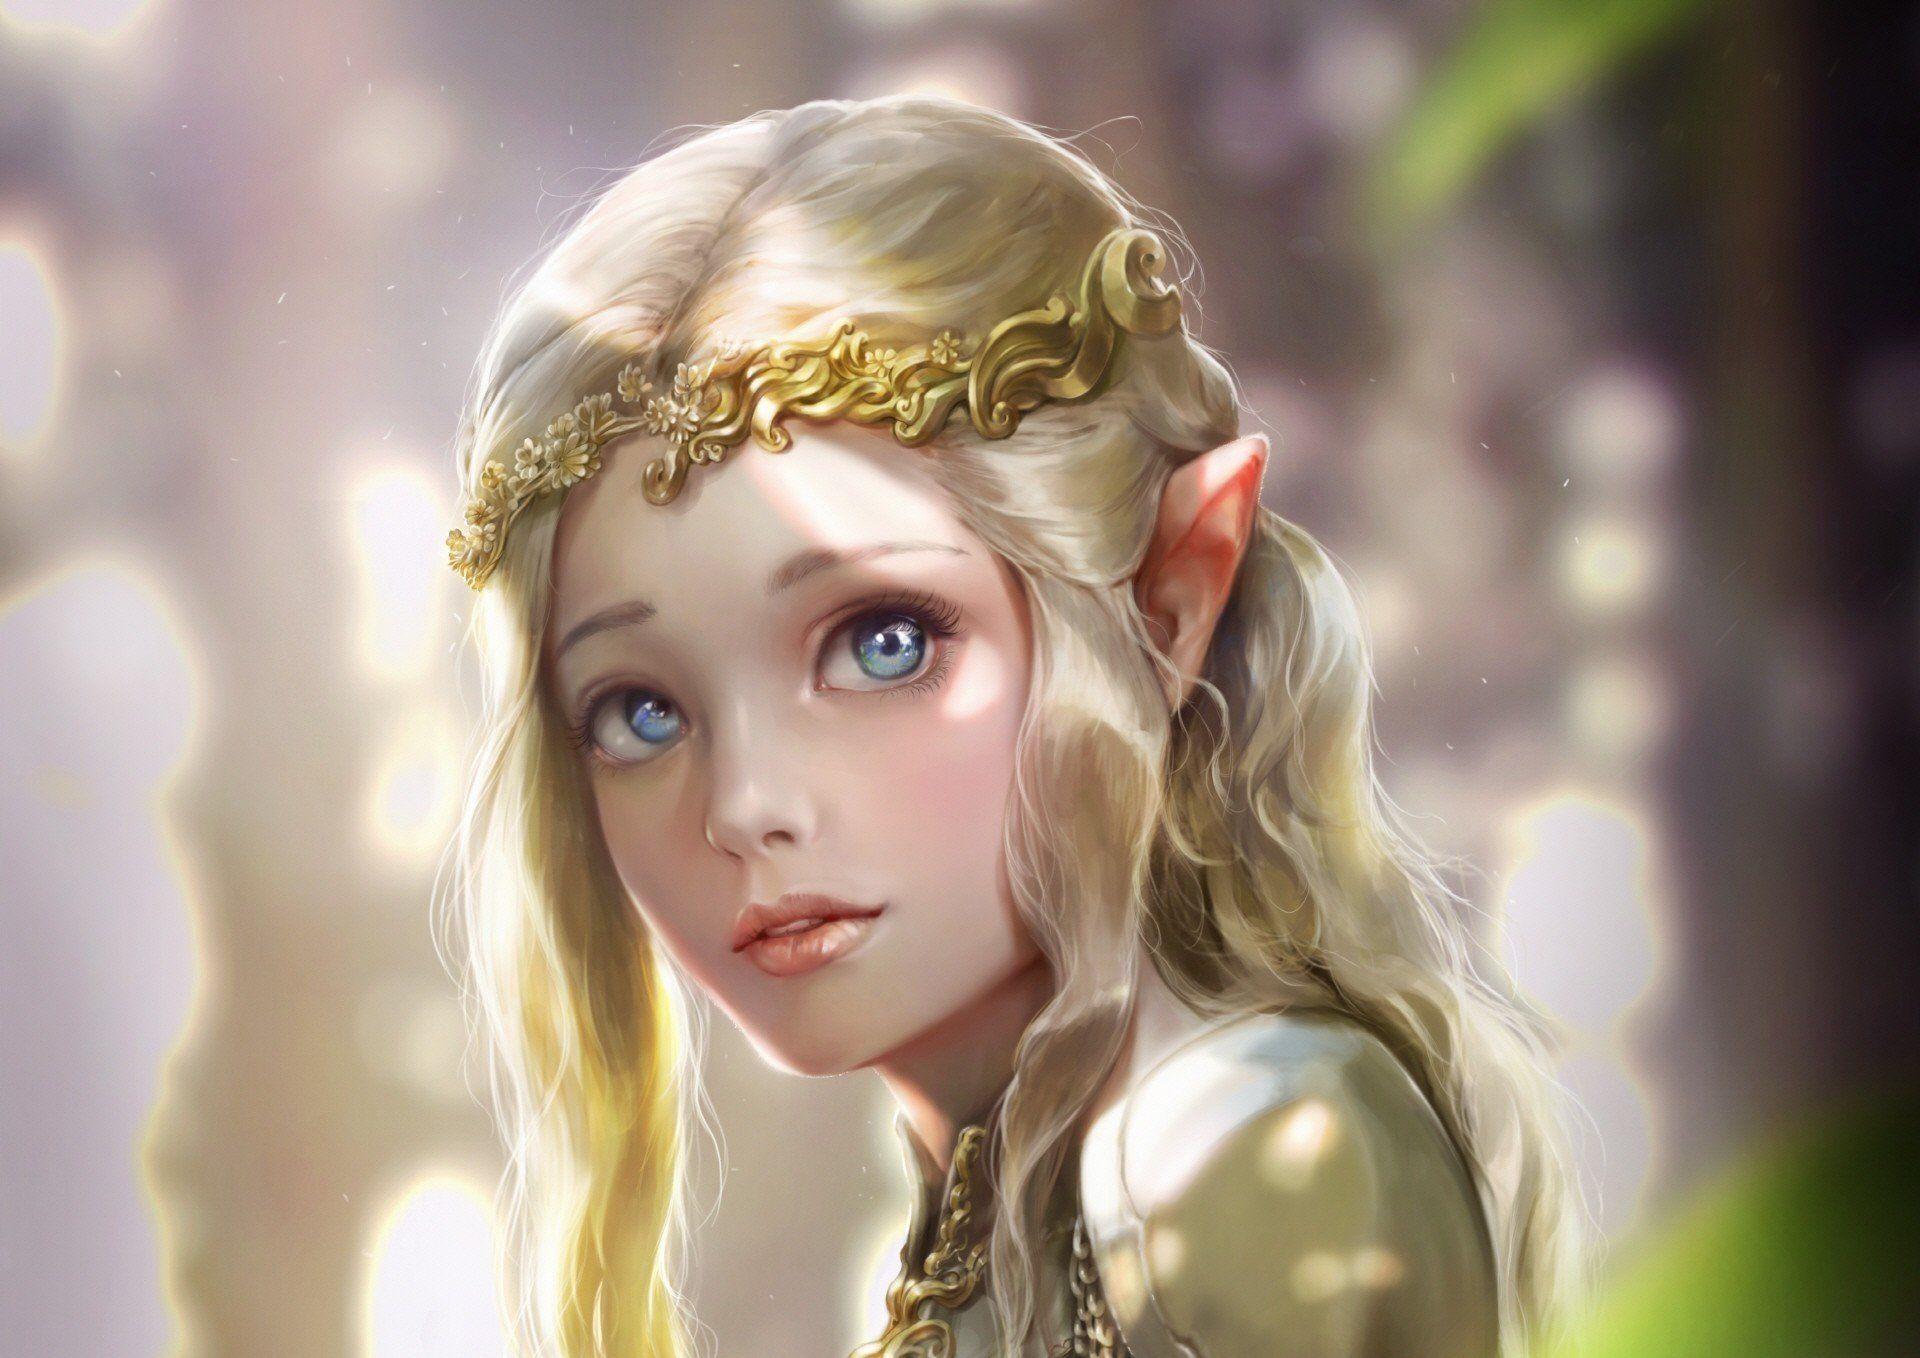 Мороз фото, эльфы картинки красивые женщины